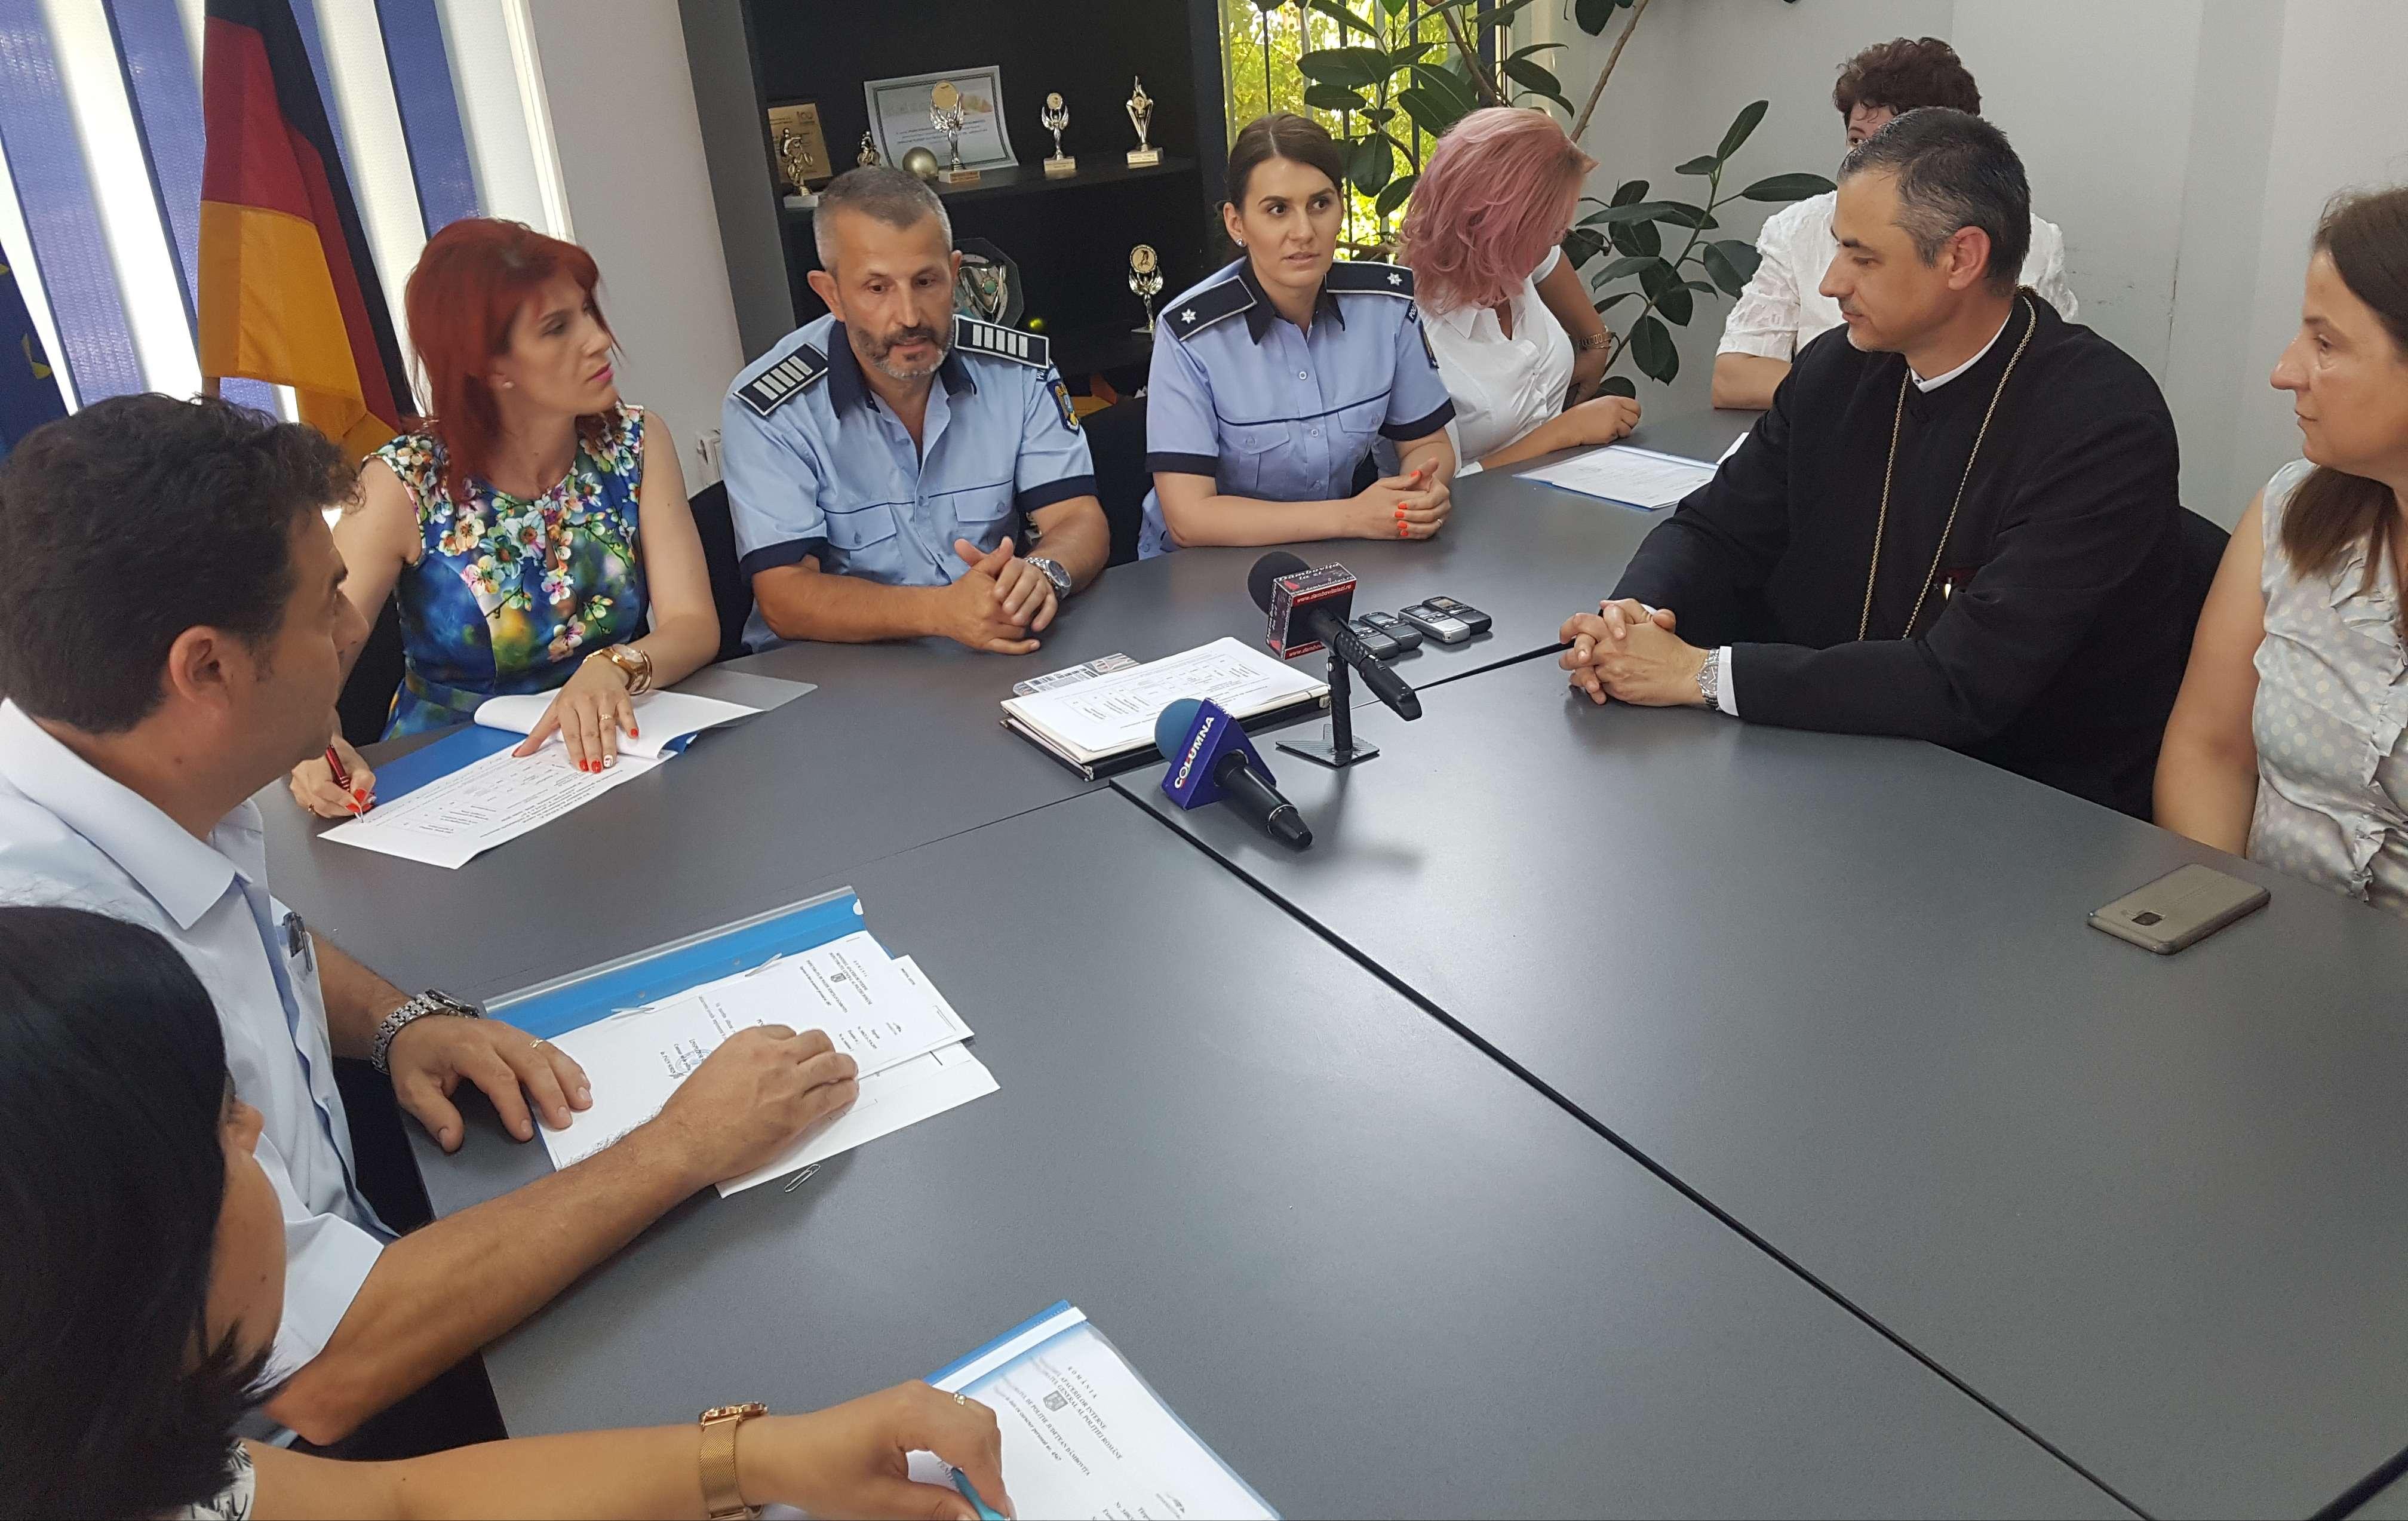 Evaluarea activităților desfășurate în cadrul proiectelor pentru prevenirea delincvenței juvenile și a victimizării minorilor